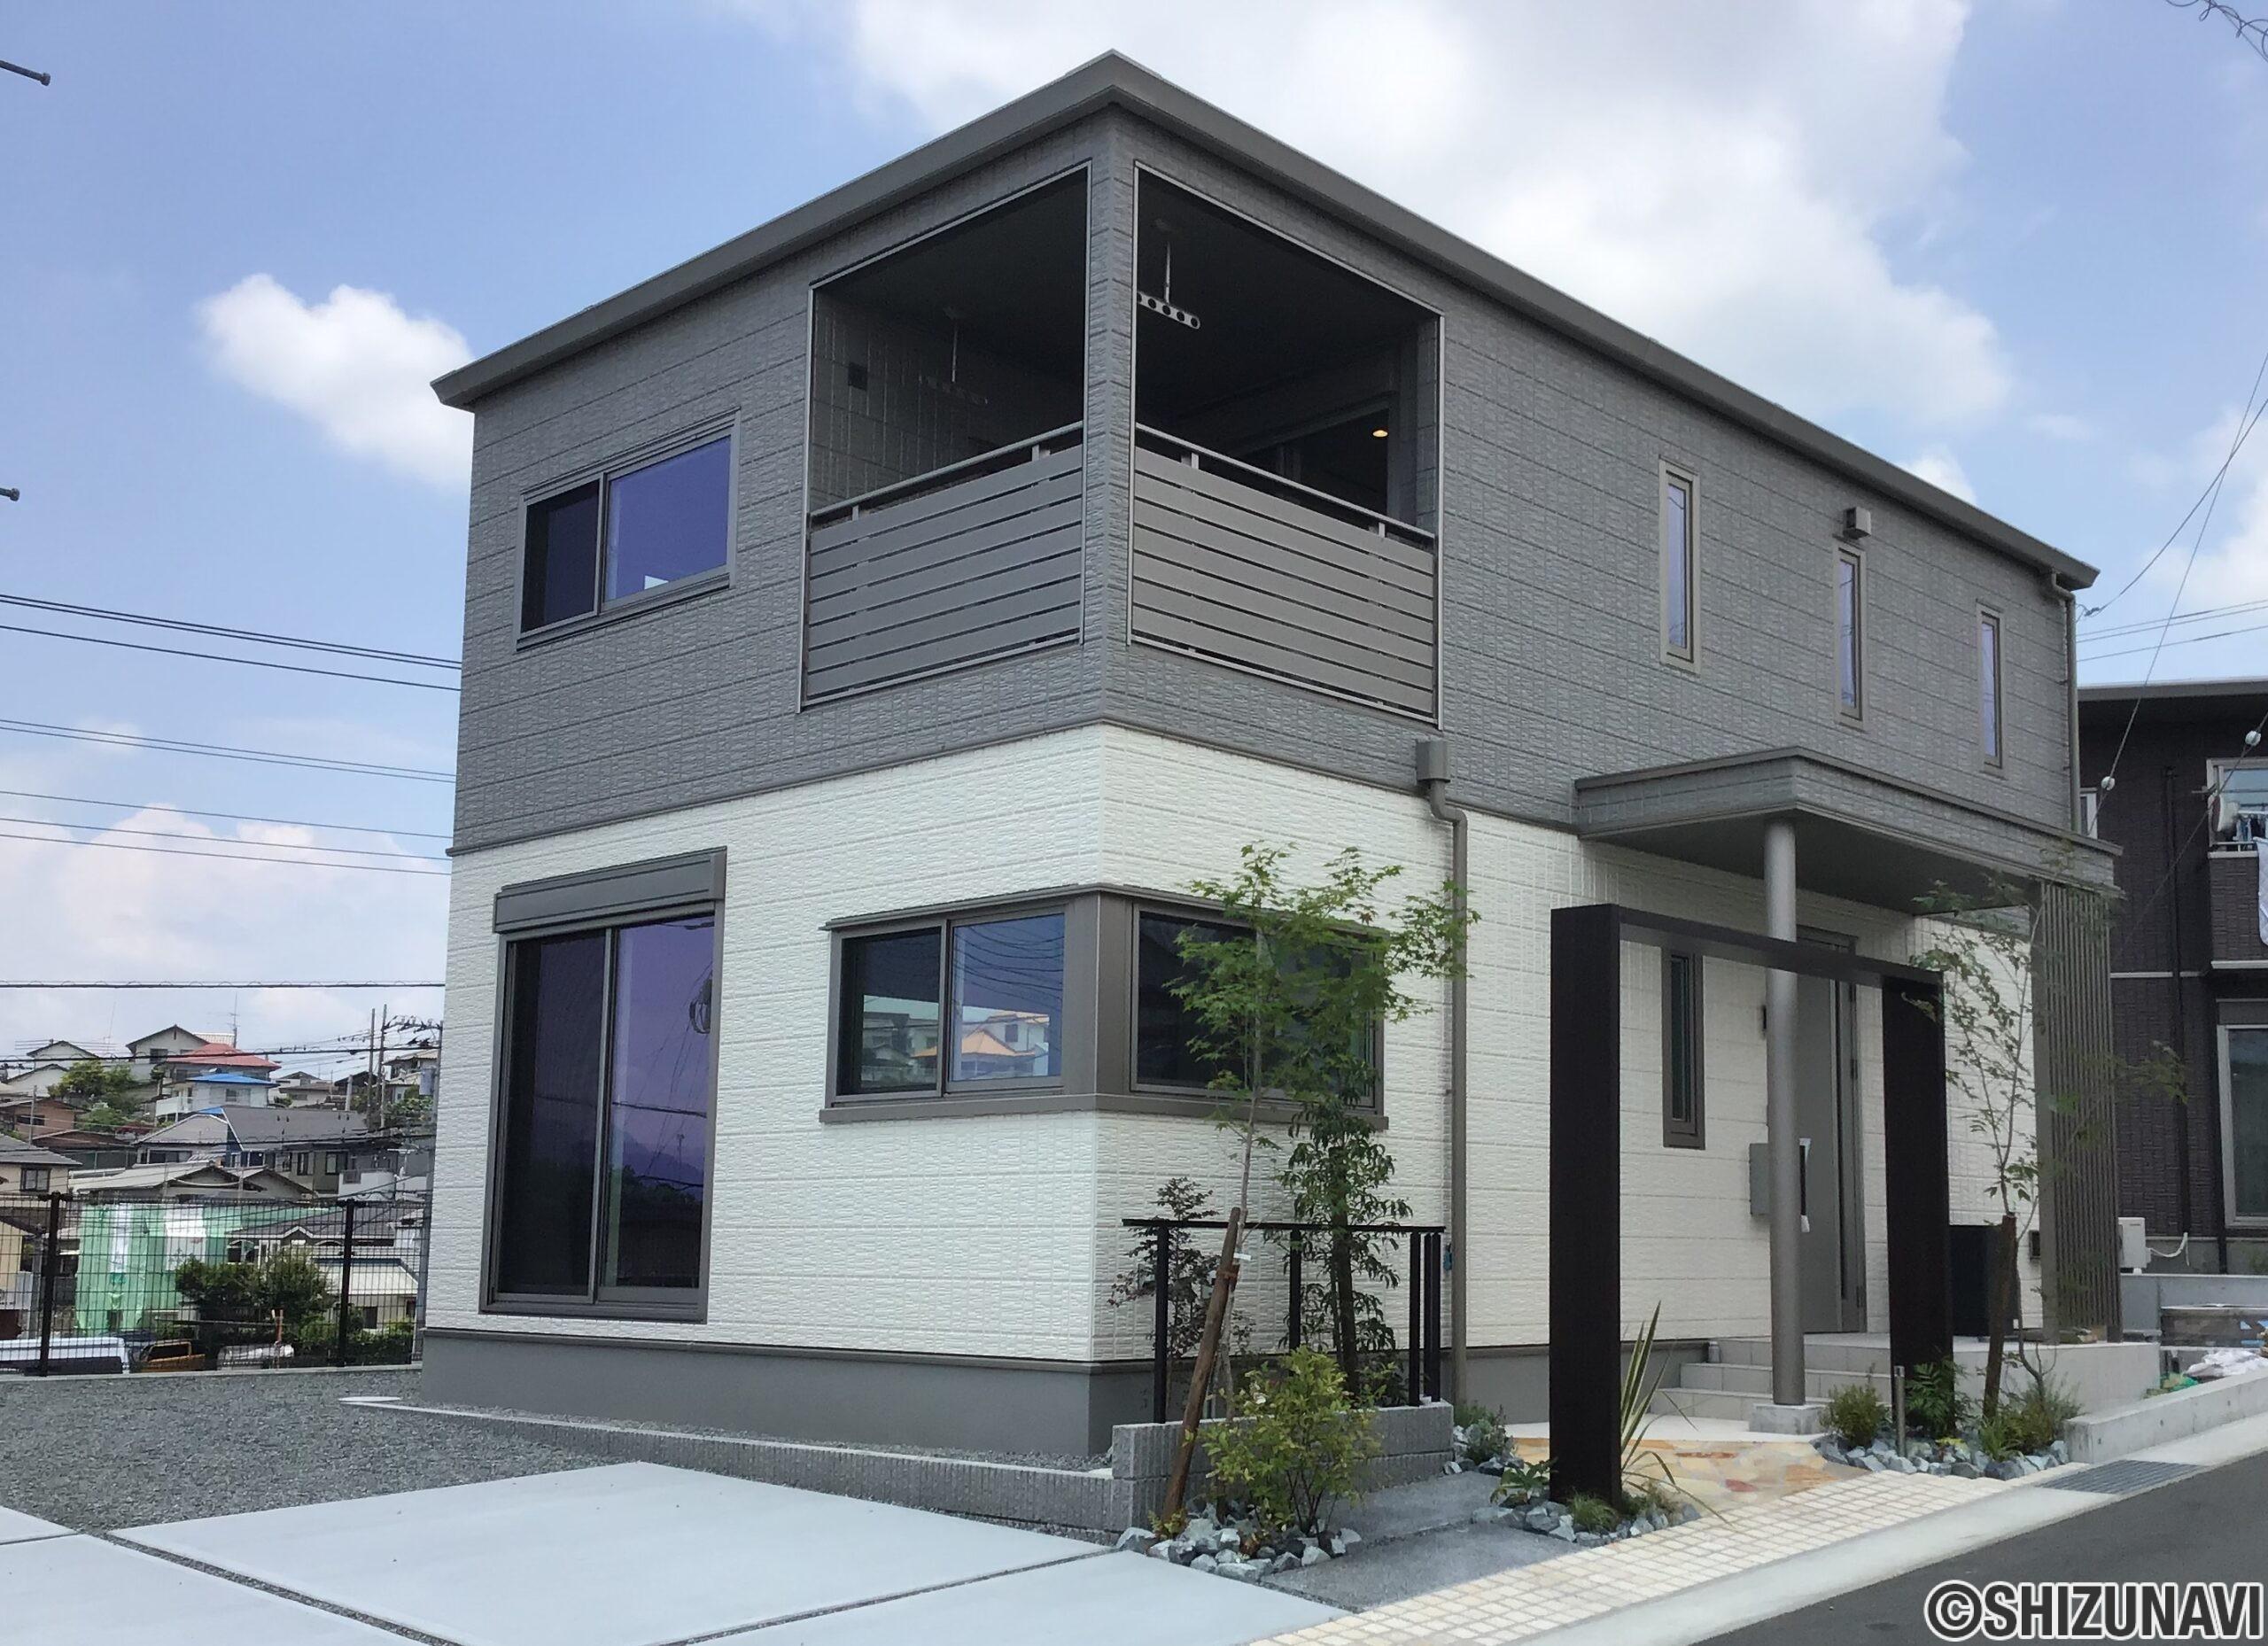 【新築分譲住宅】富士市石坂 セキスイハイム施工【10号地】